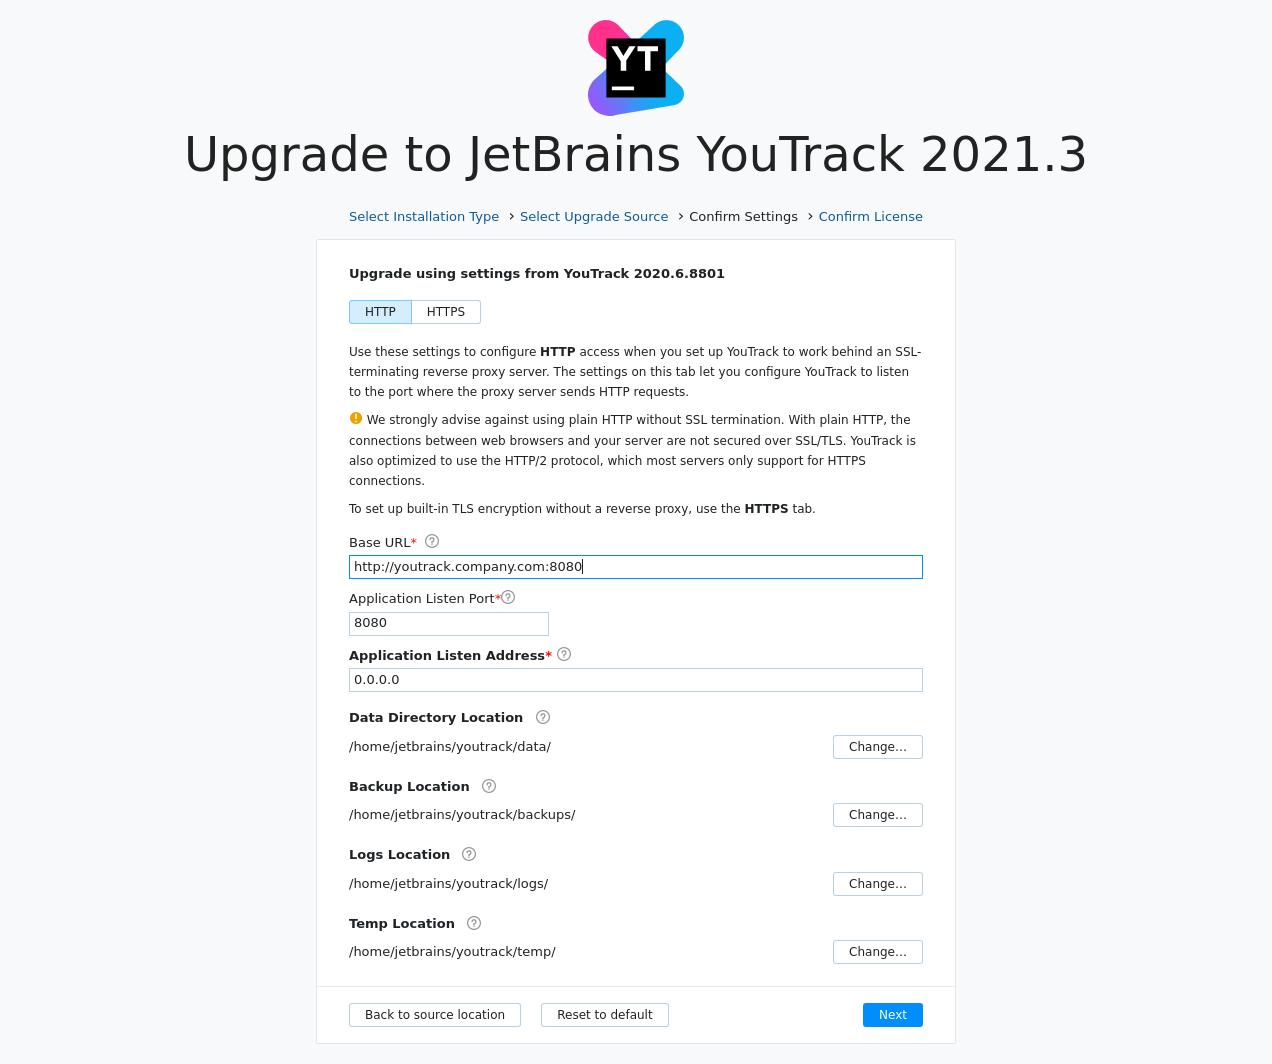 Youtrack zip upgrade settings